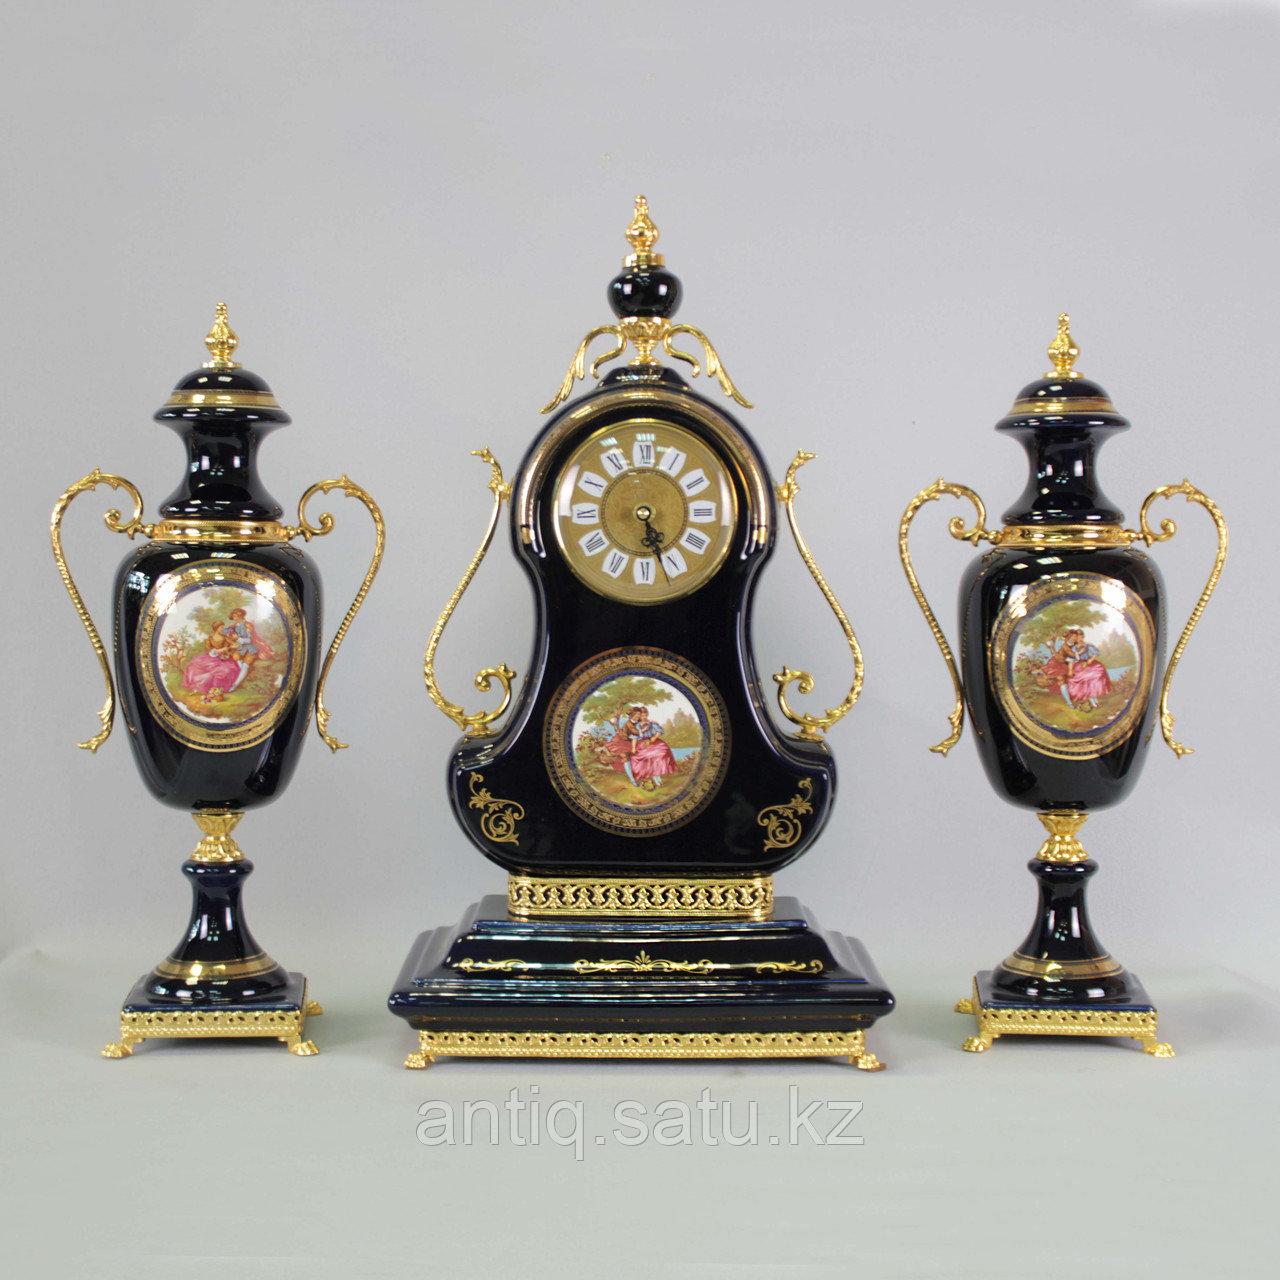 Каминный гарнитур с вазами. Фарфоровая мануфактура Limoges - фото 1